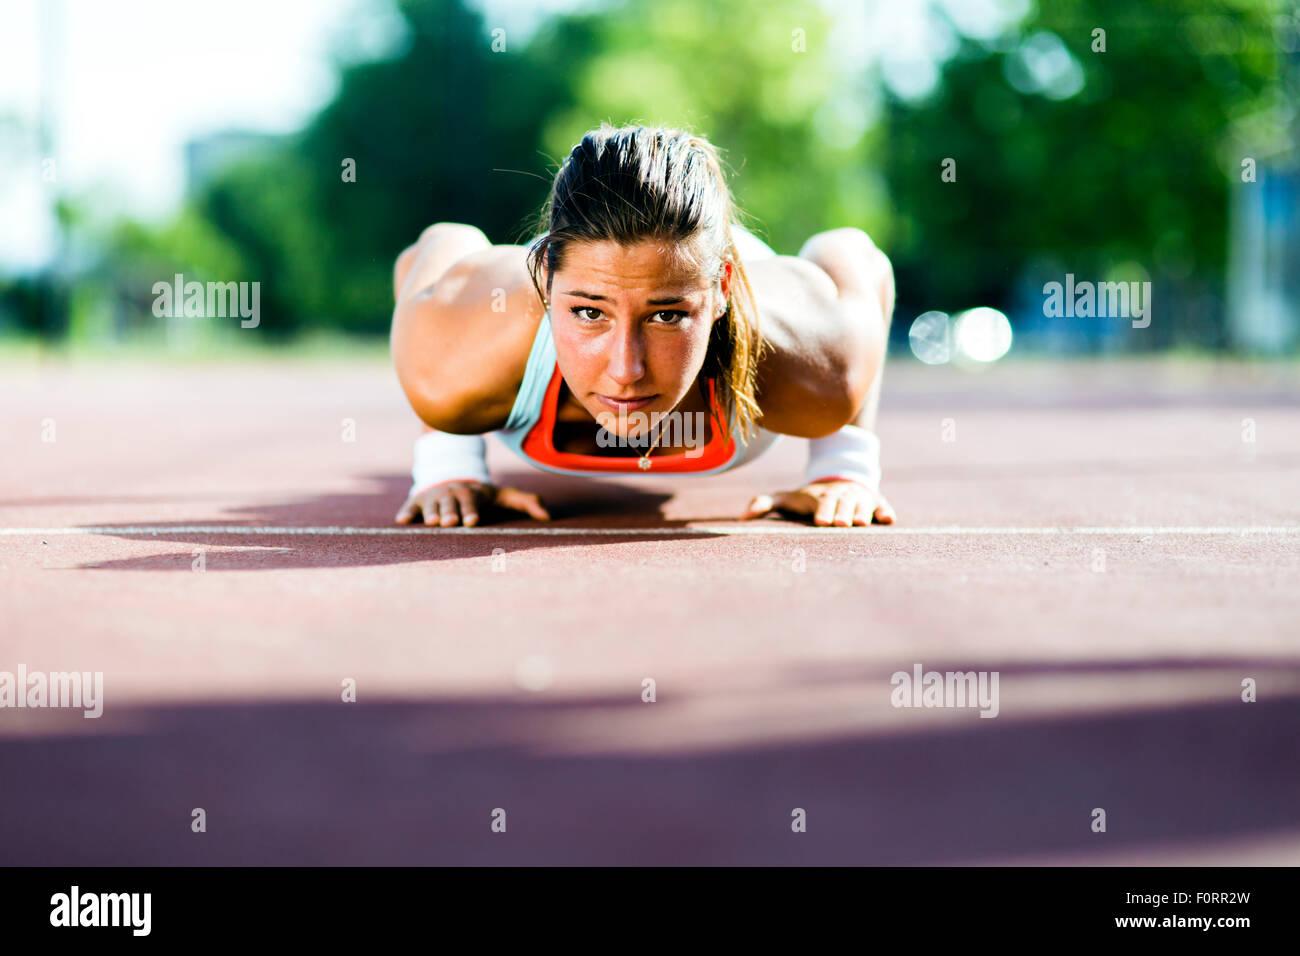 Focalizzato giovane bella donna facendo push-up all'aperto in una calda giornata estiva Foto Stock